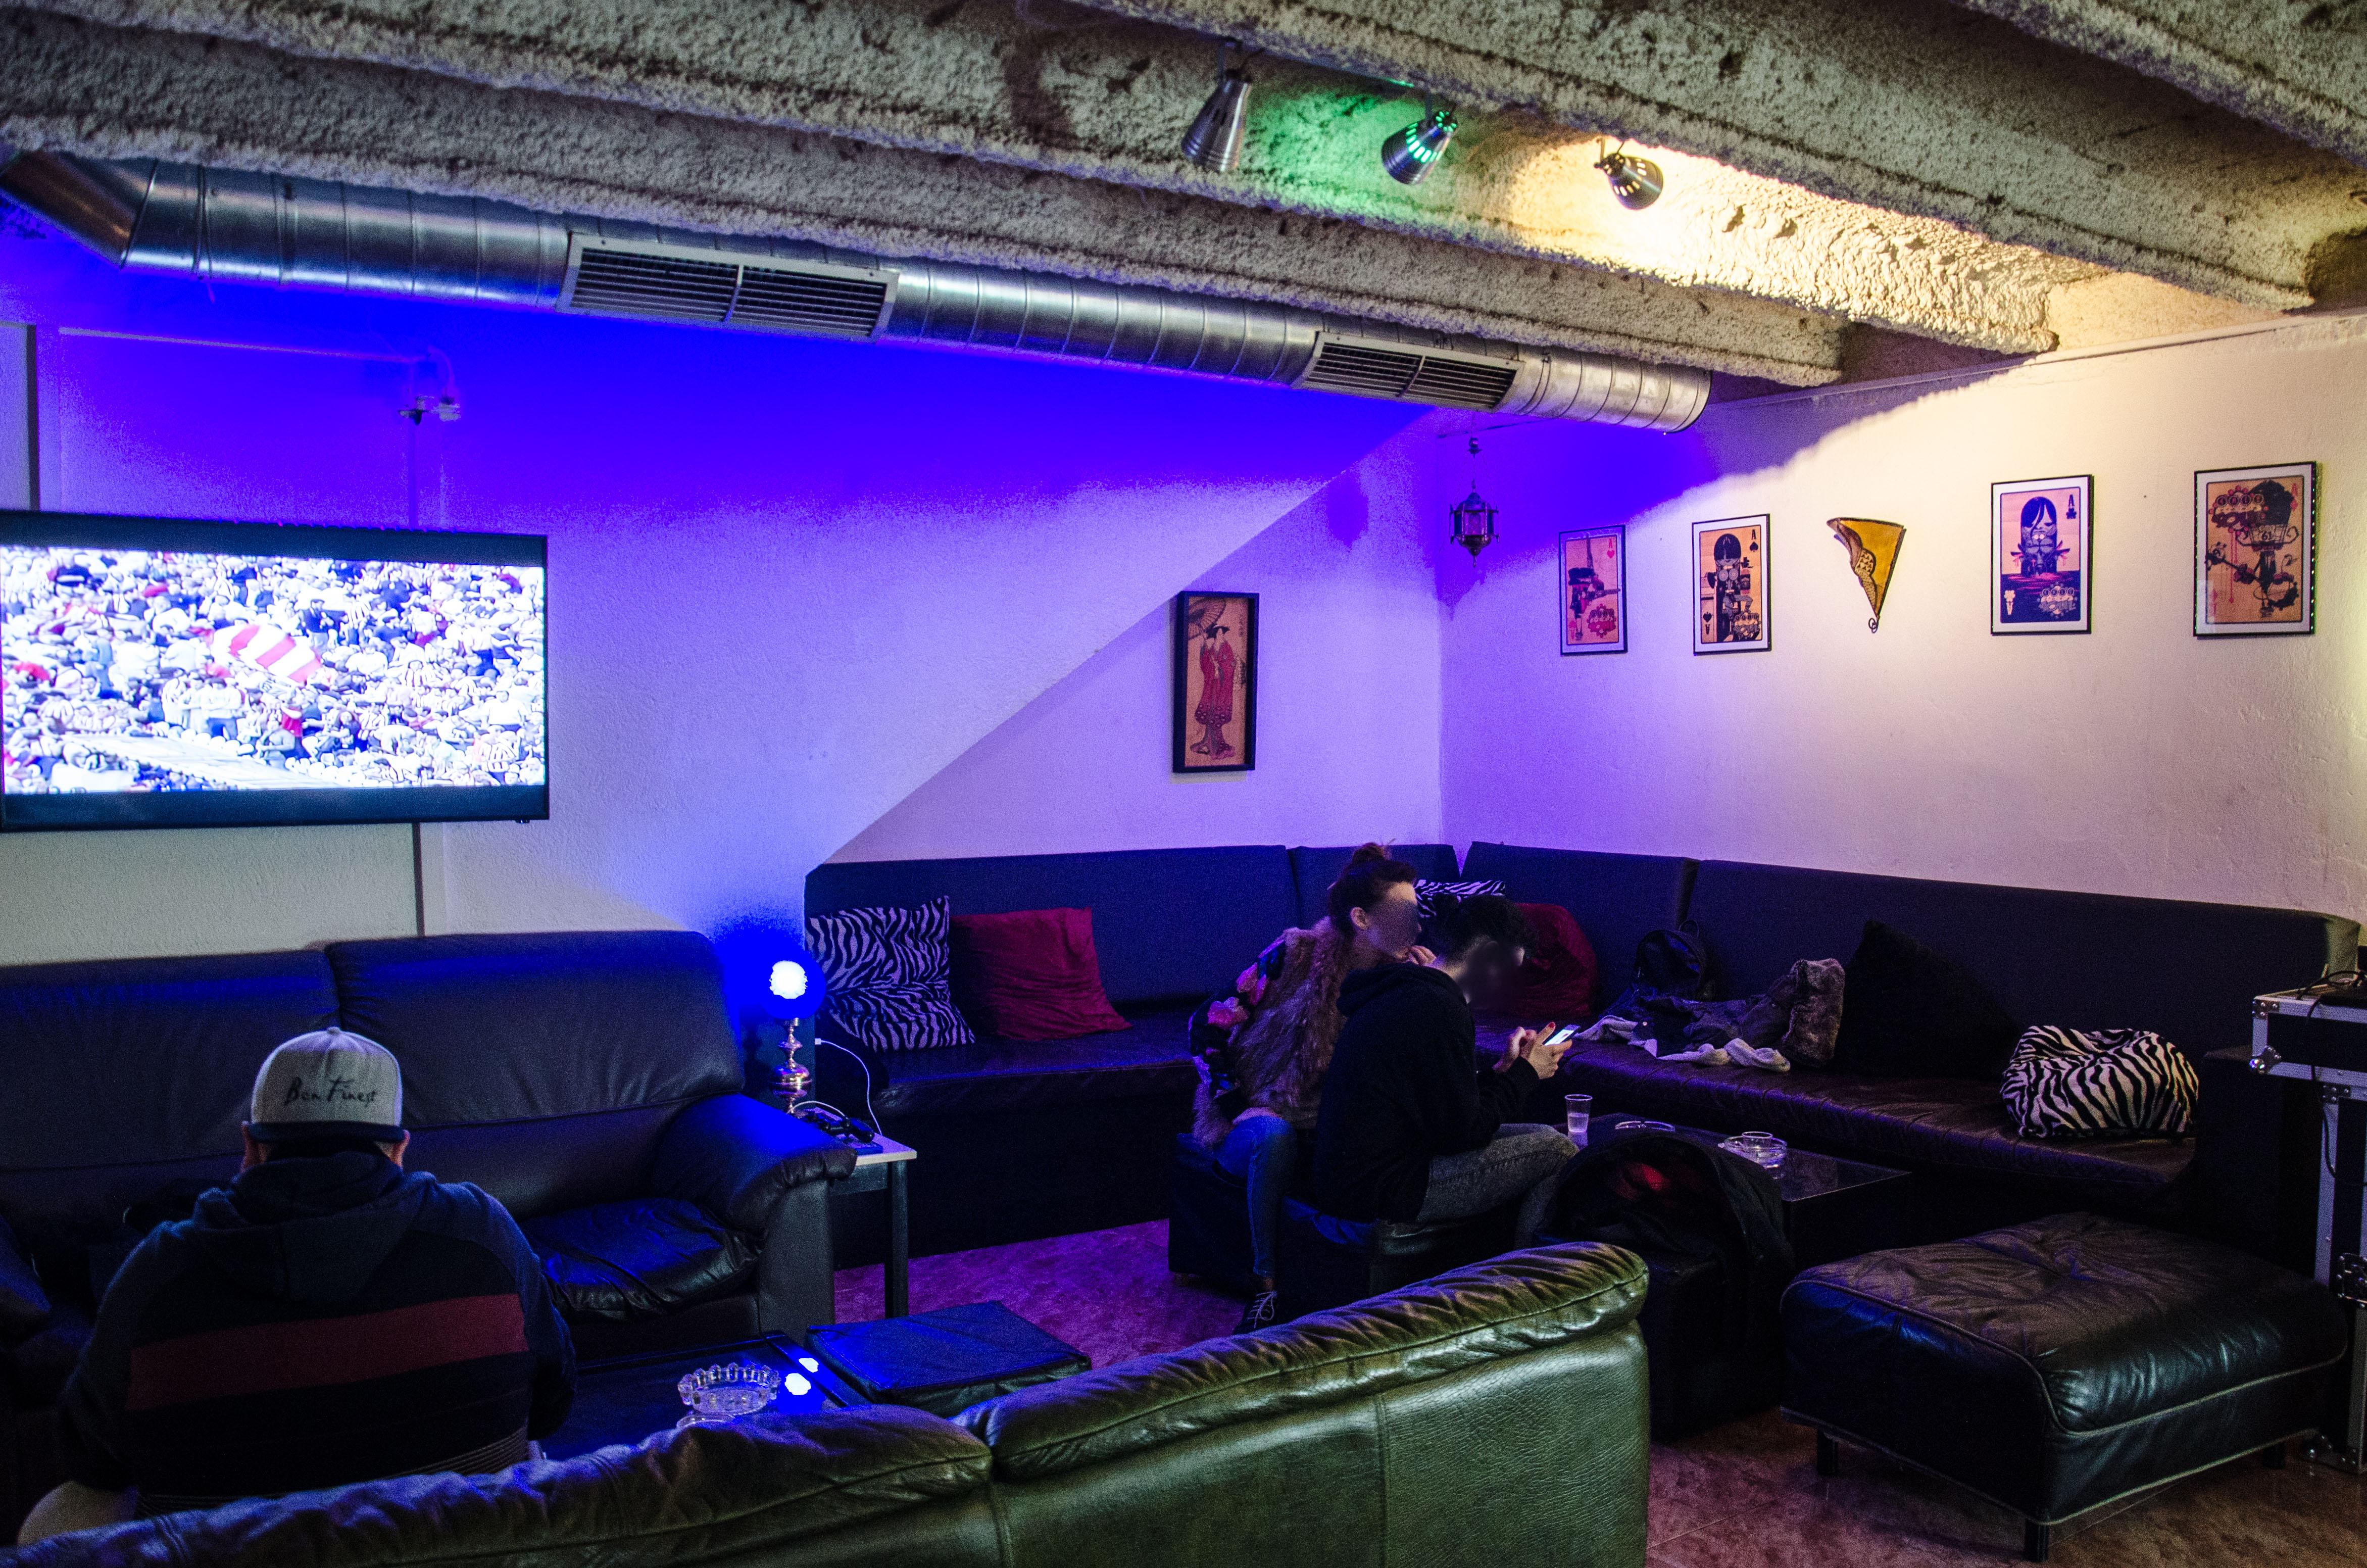 Ce cannabis social club est situé dans la vieille ville de Barcelone.